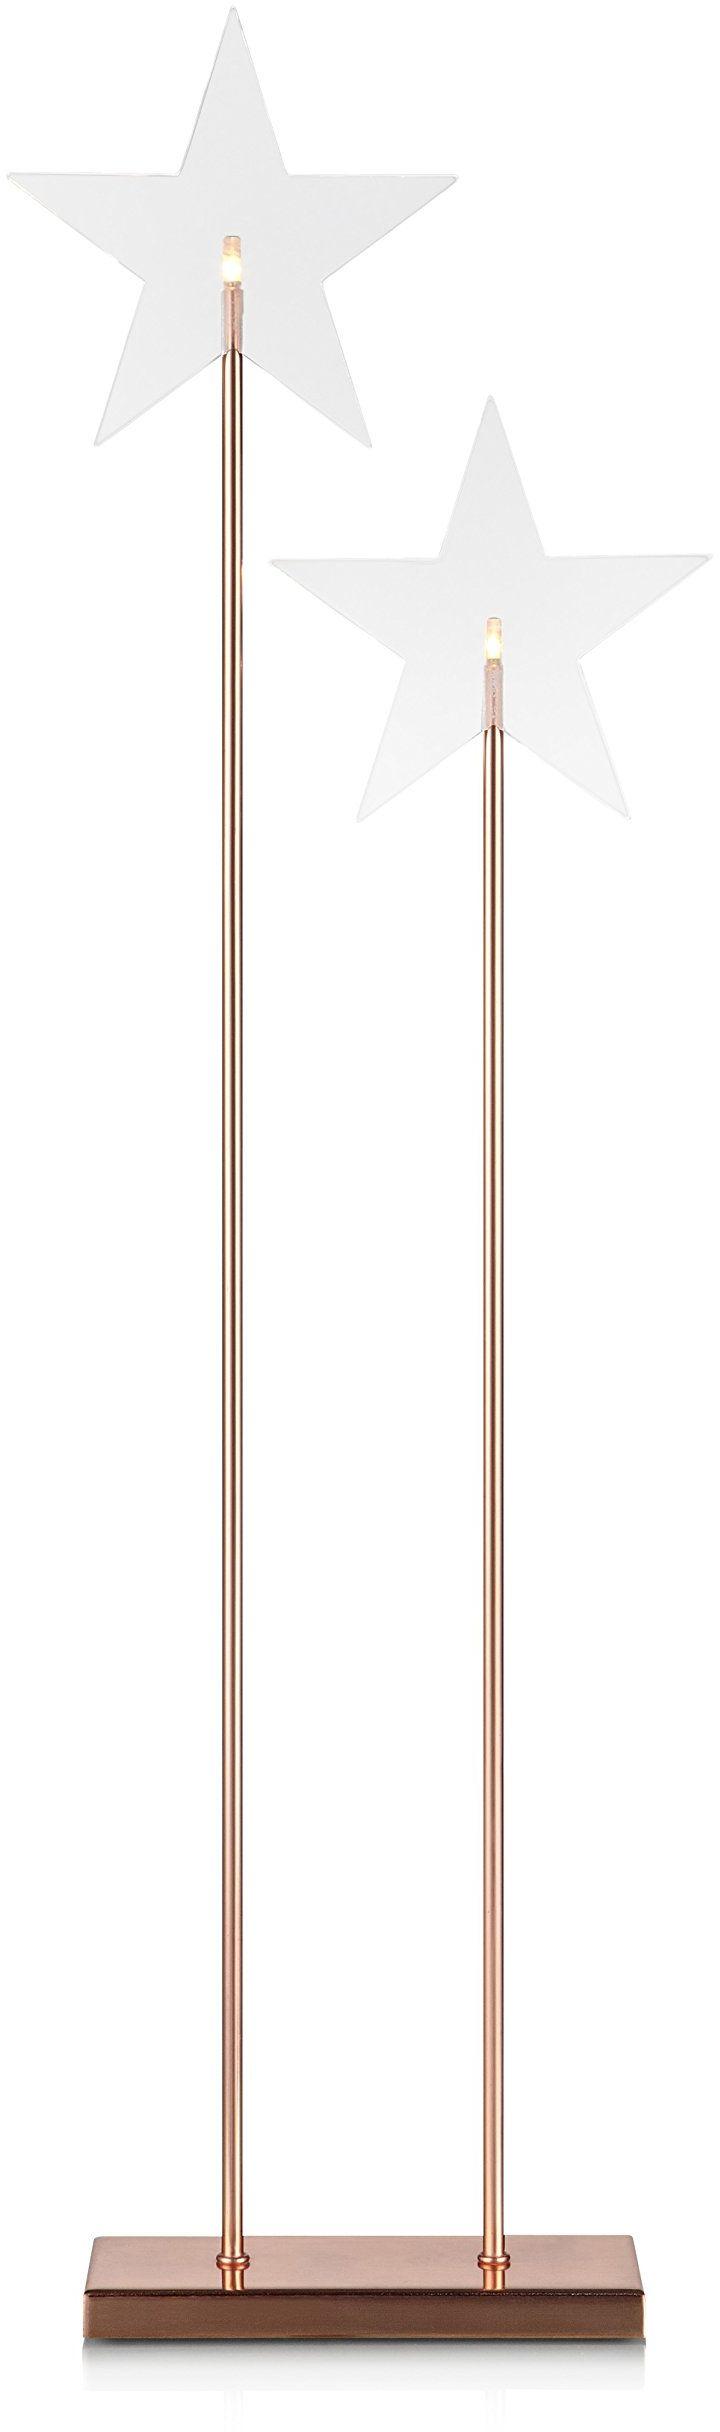 Markslöjd 703888, lampa stojąca, 0,06 W, zintegrowana, miedziana, 25 x 8 x 78 cm